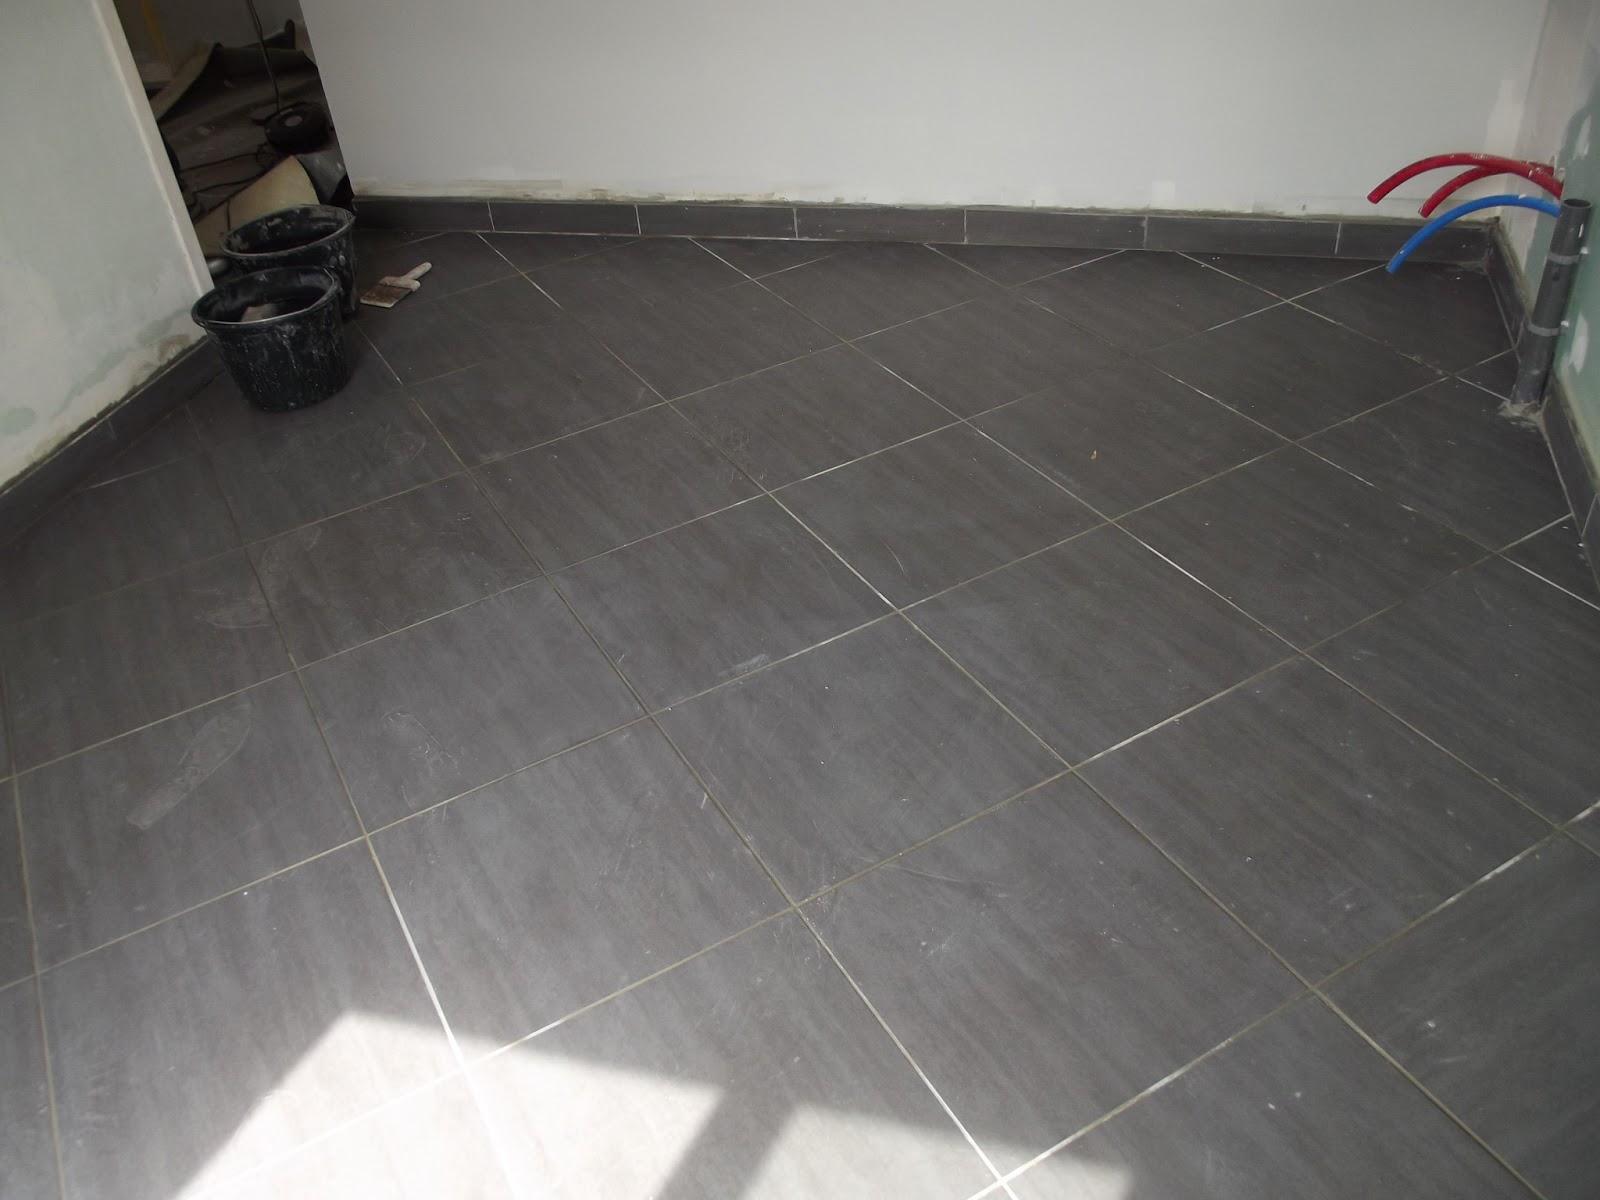 pose dun carrelage de sol 45x45 en diagonale et wc avec une frise de mosaque - Pose Diagonale